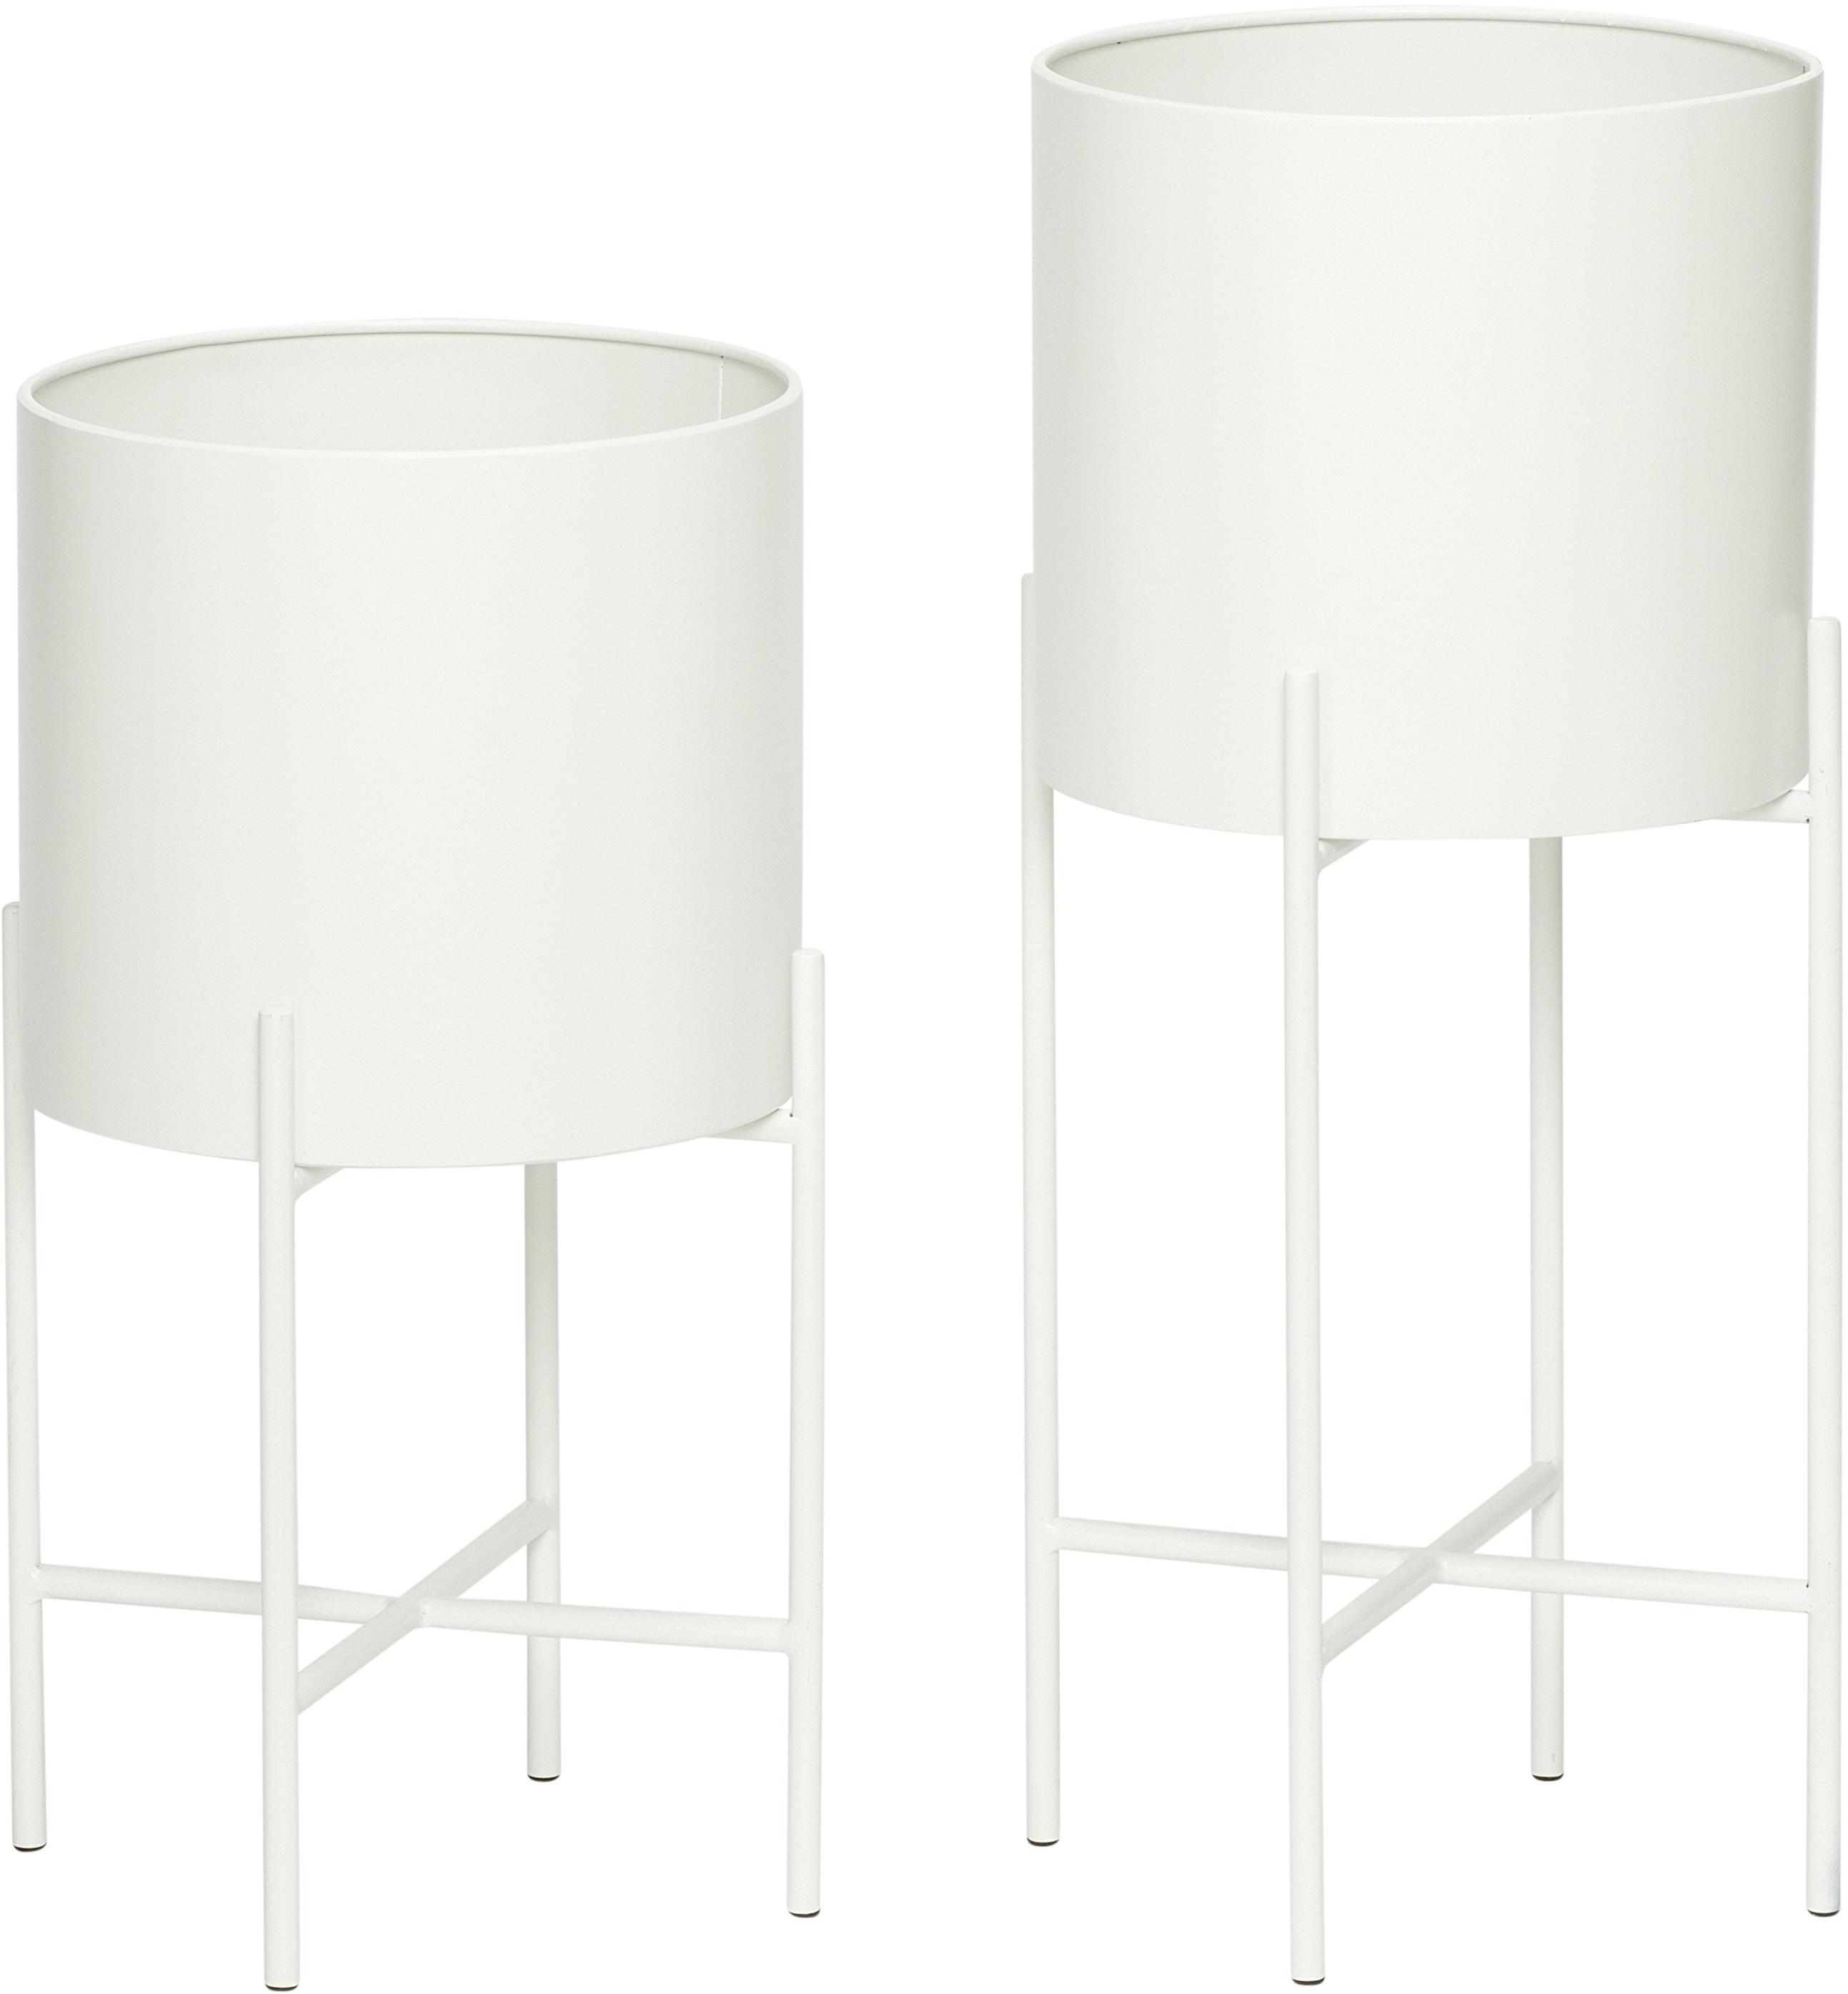 Übertopf-Set Mina aus Metall, 2-tlg., Metall, Weiss, matt, Set mit verschiedenen Grössen